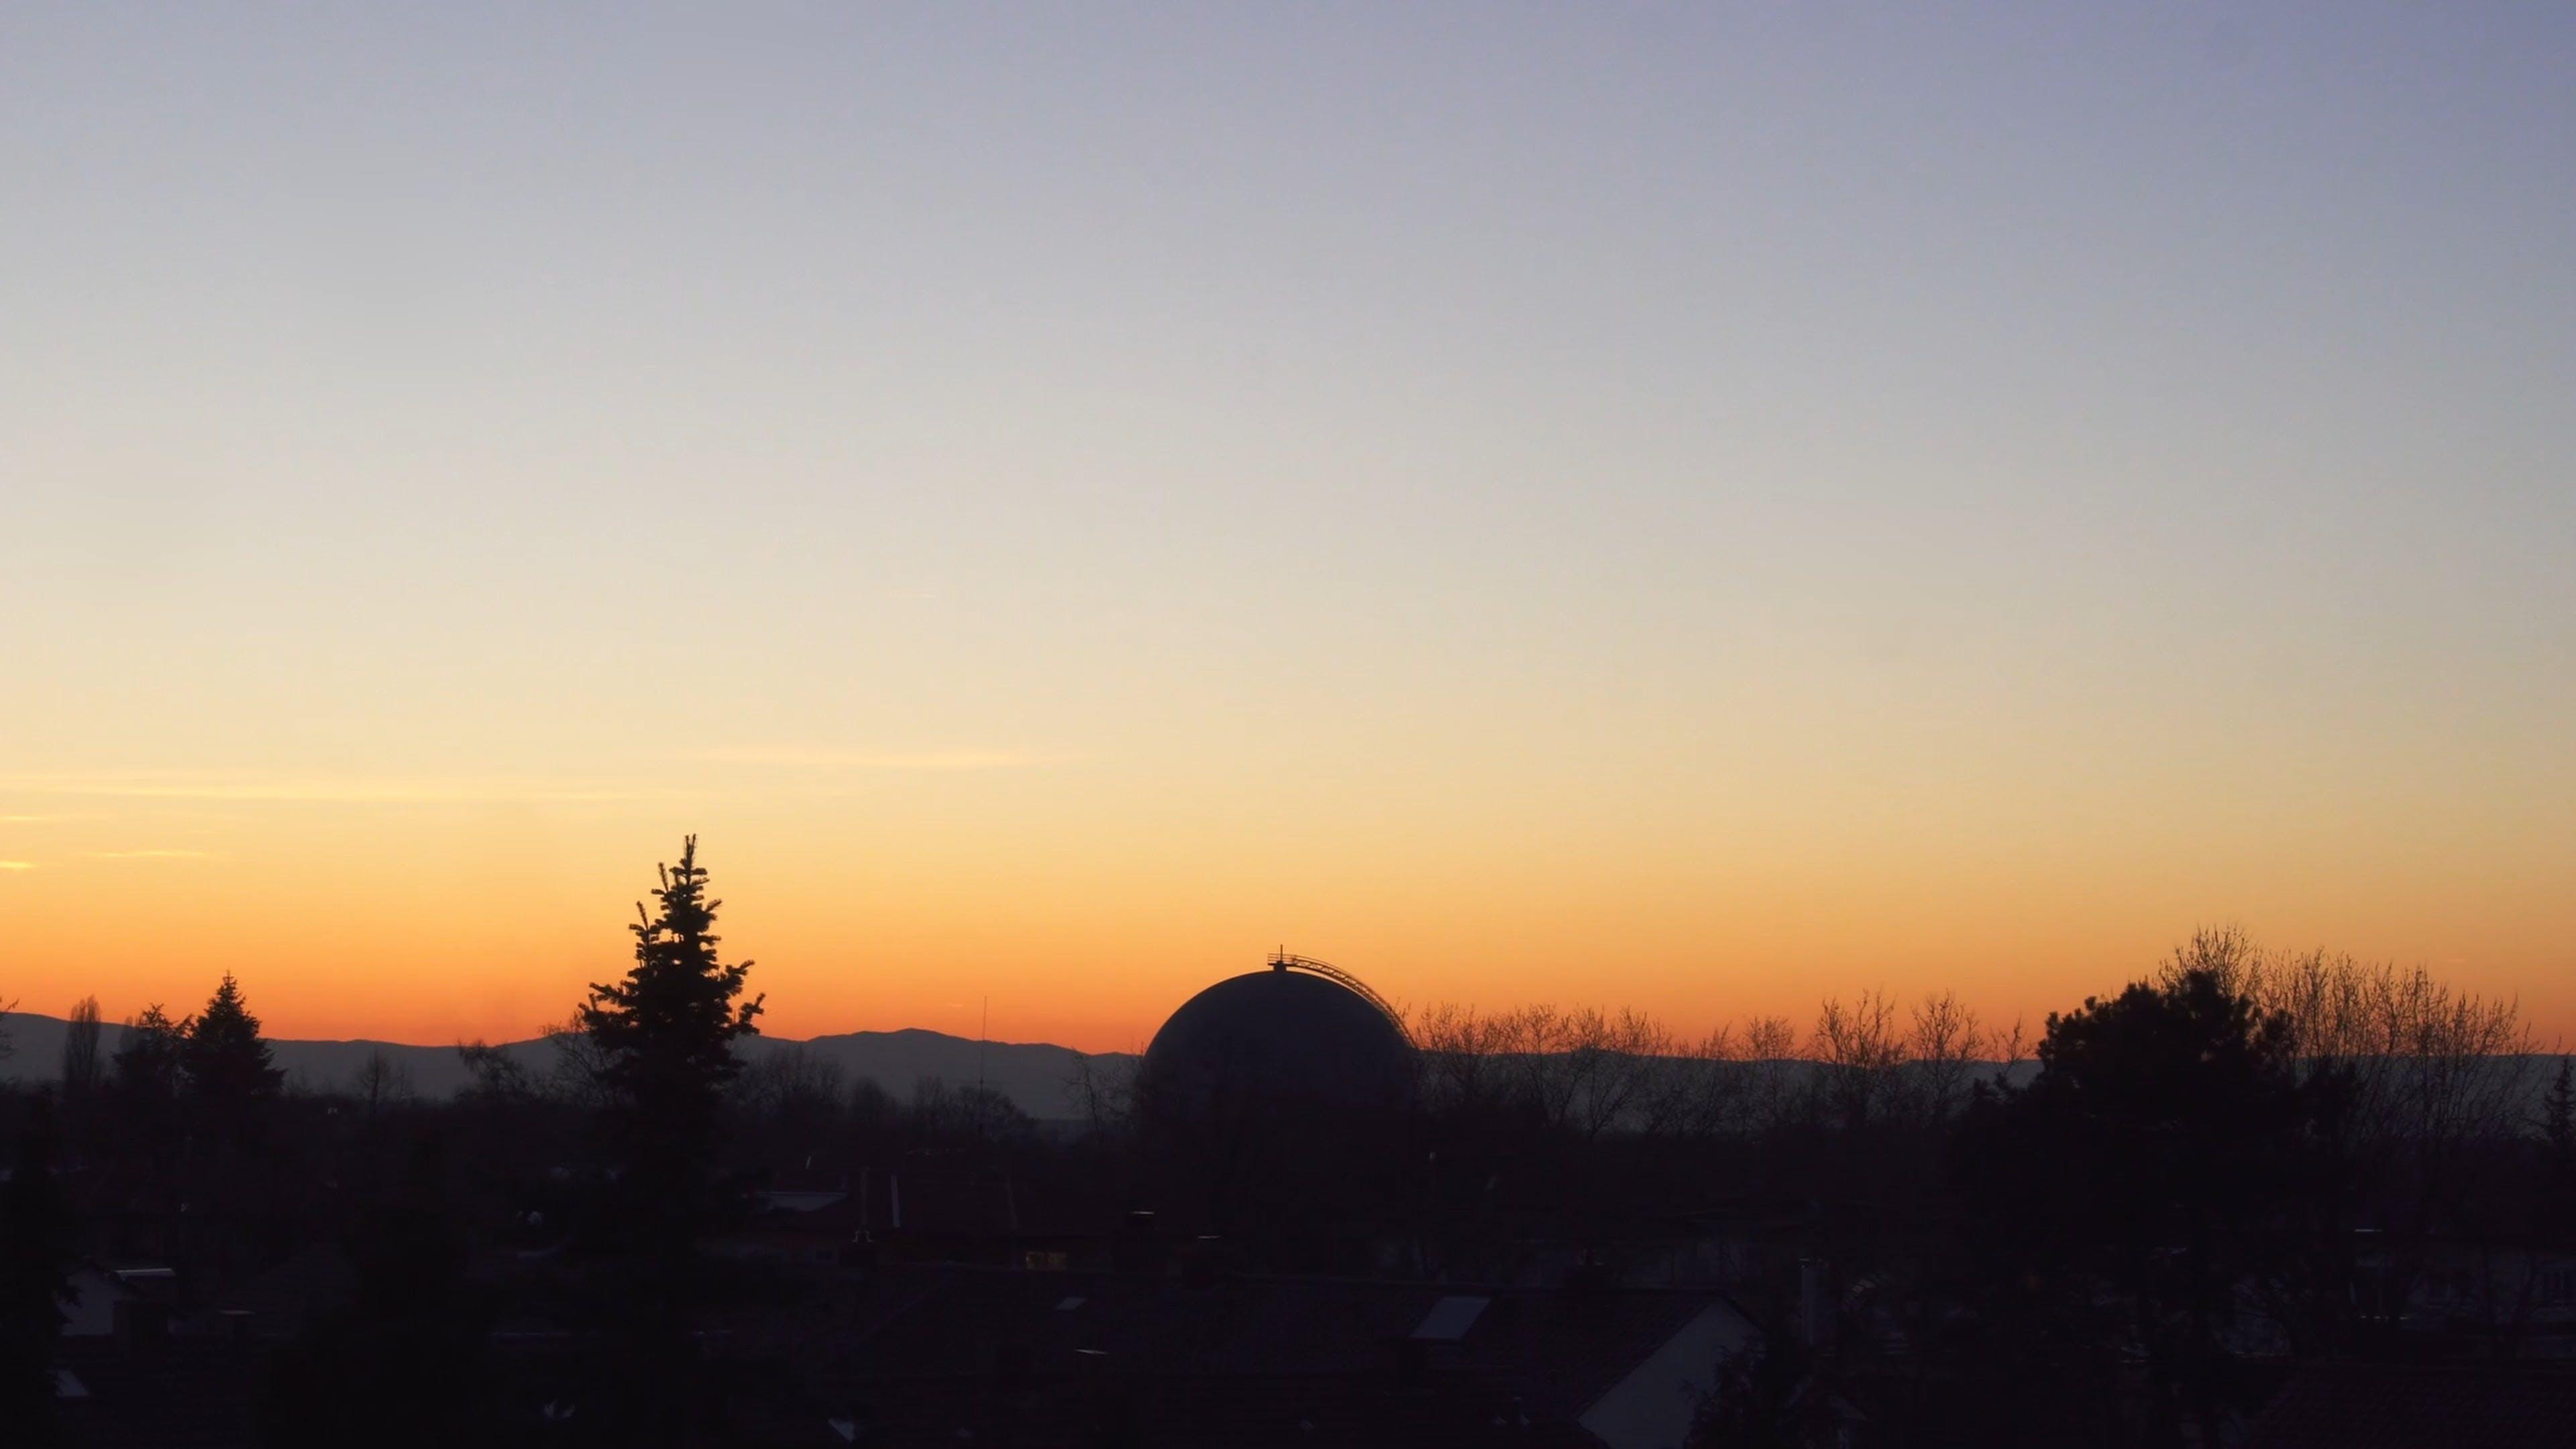 Sunset View Til Nightime